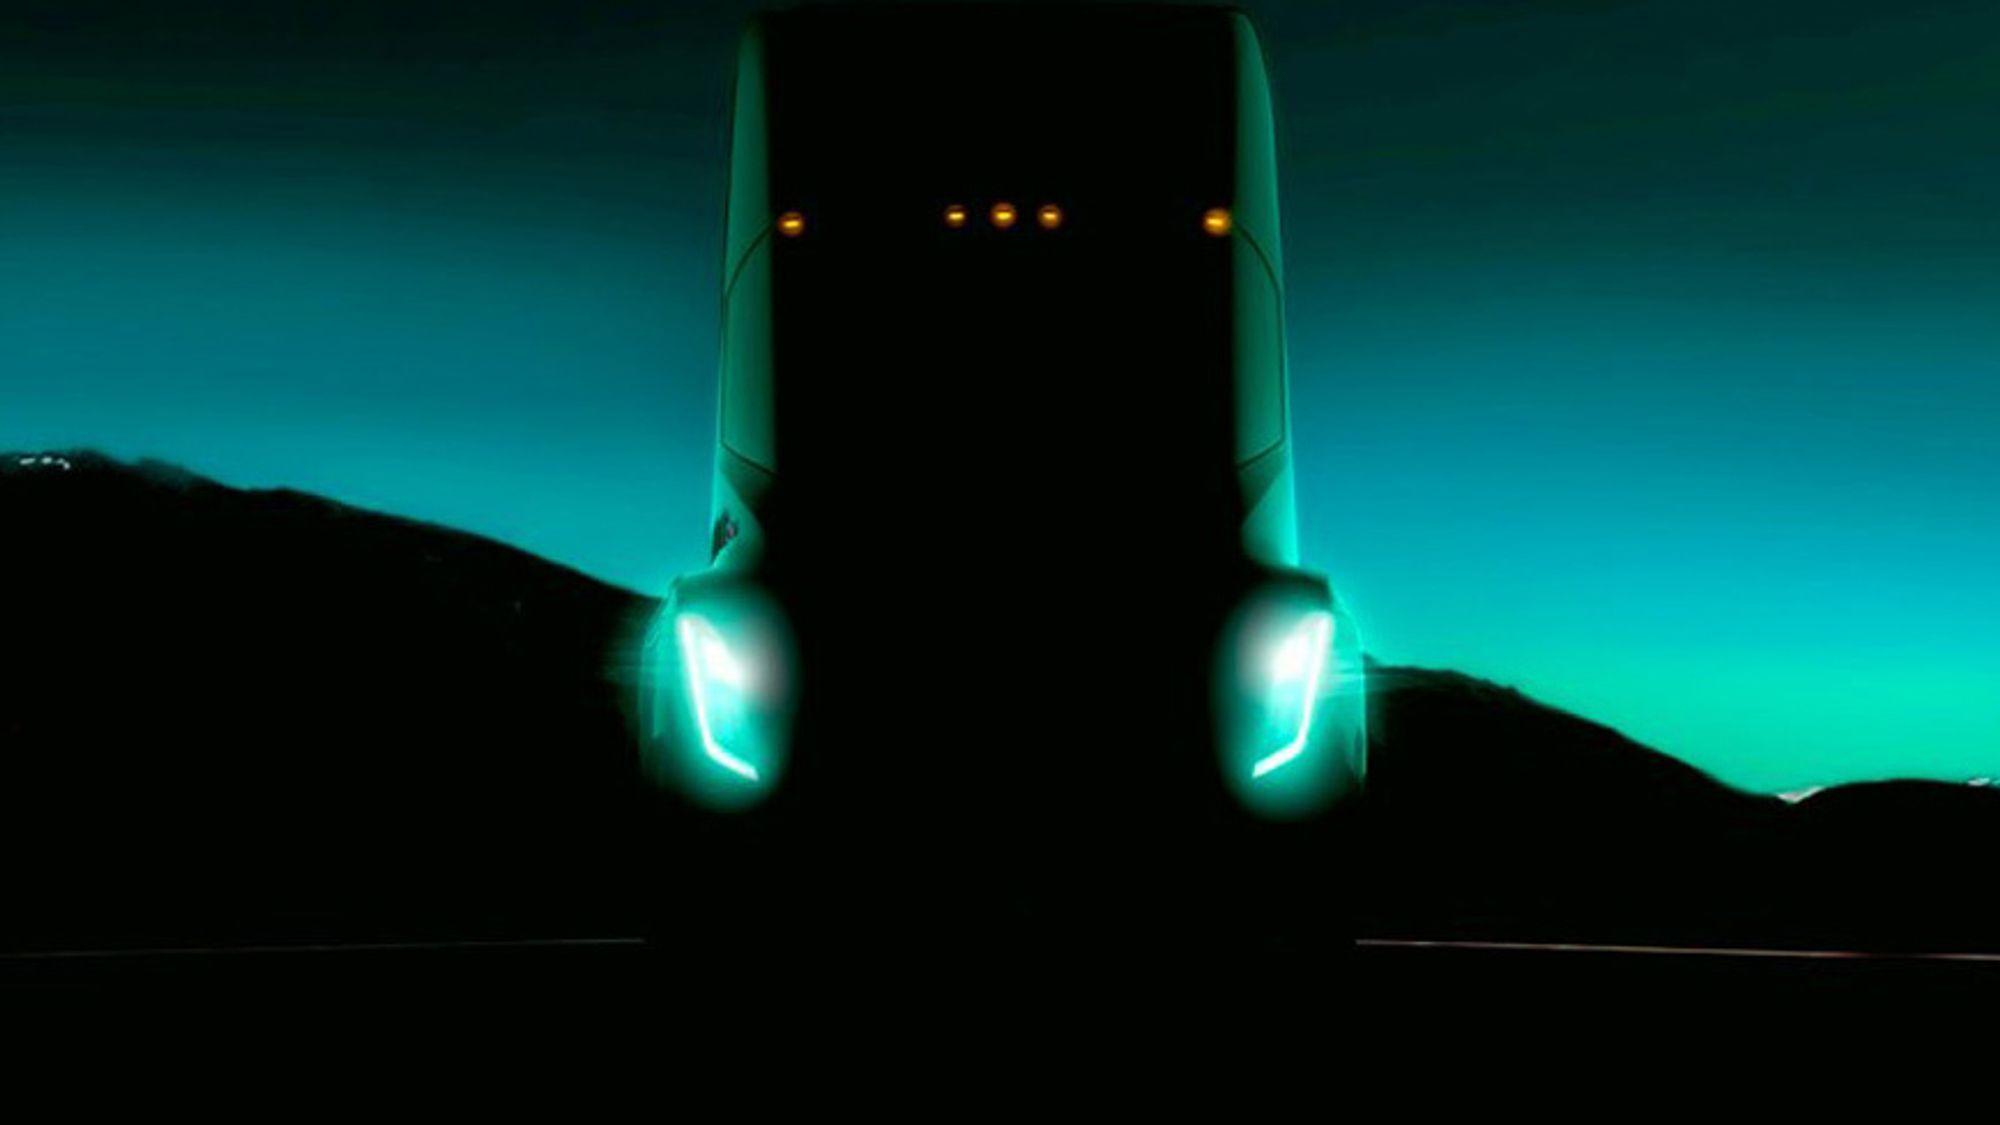 Tesla Semi Truck lanseres fredag: Dette vet vi